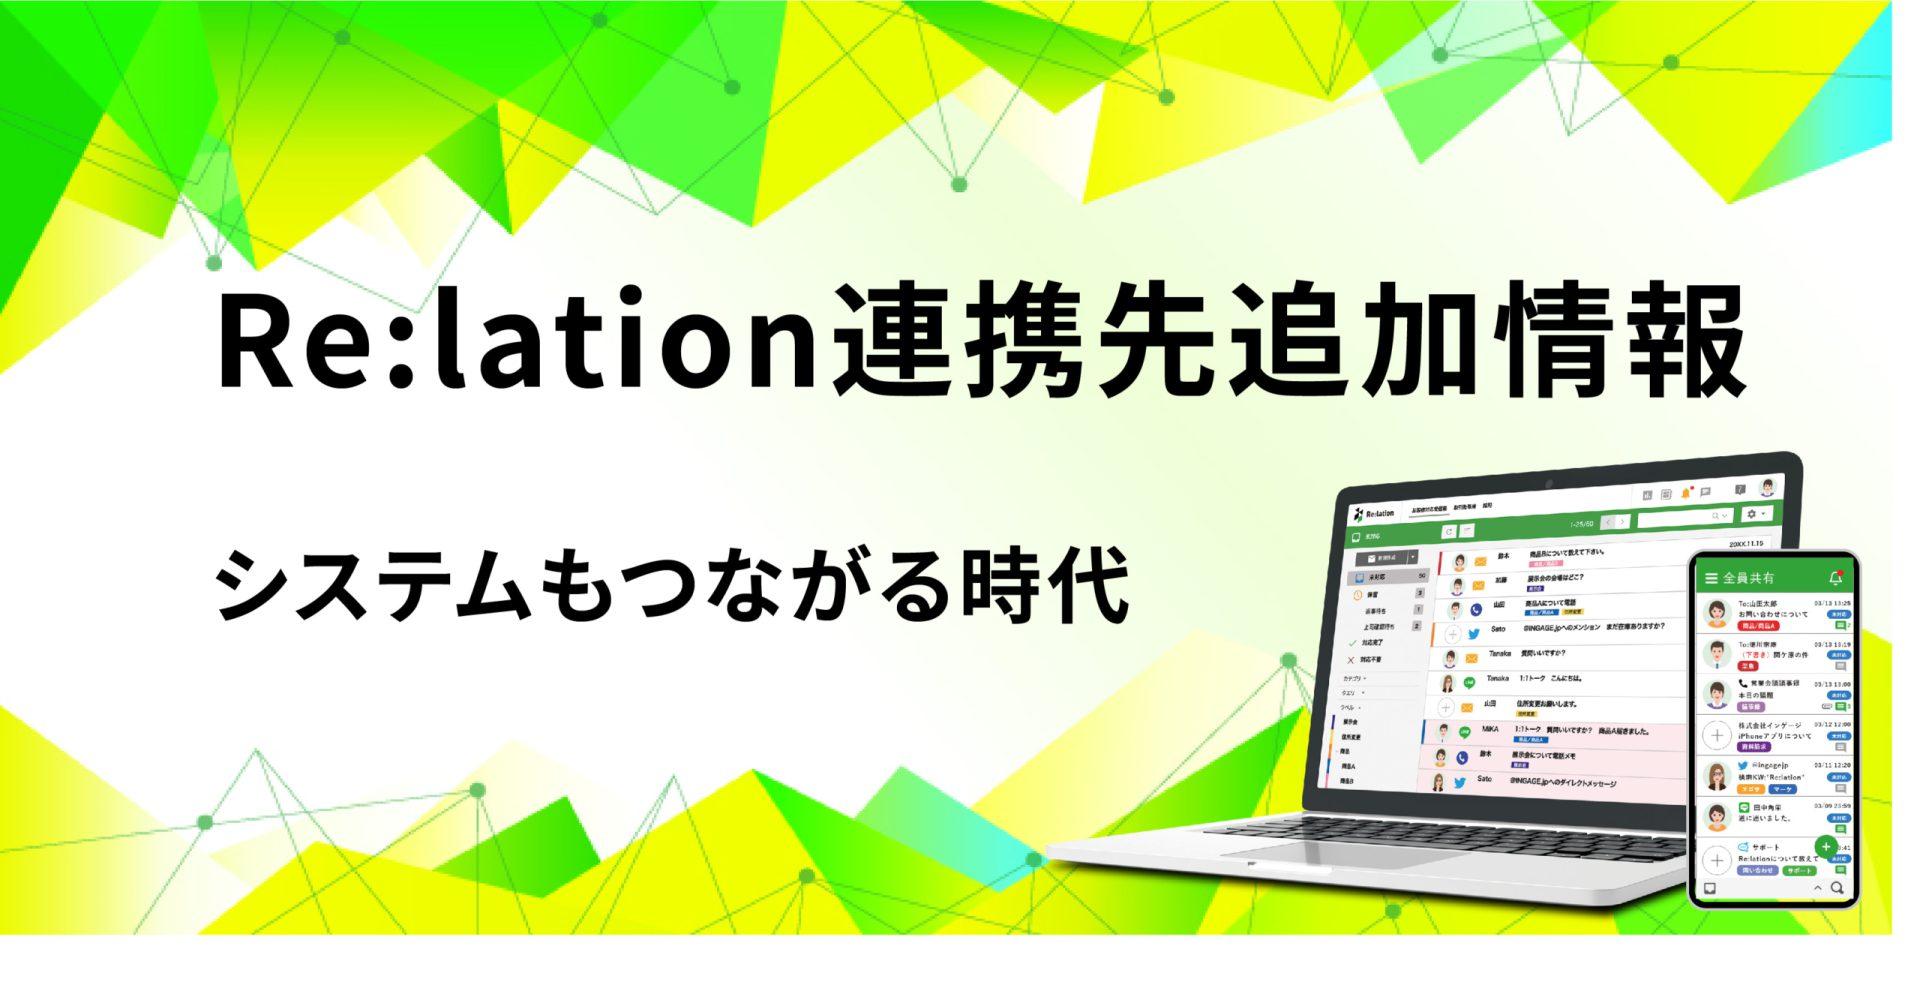 顧客対応ツール『Re:lation(リレーション)』が受注・在庫一元管理システム『Robot-in』と連携